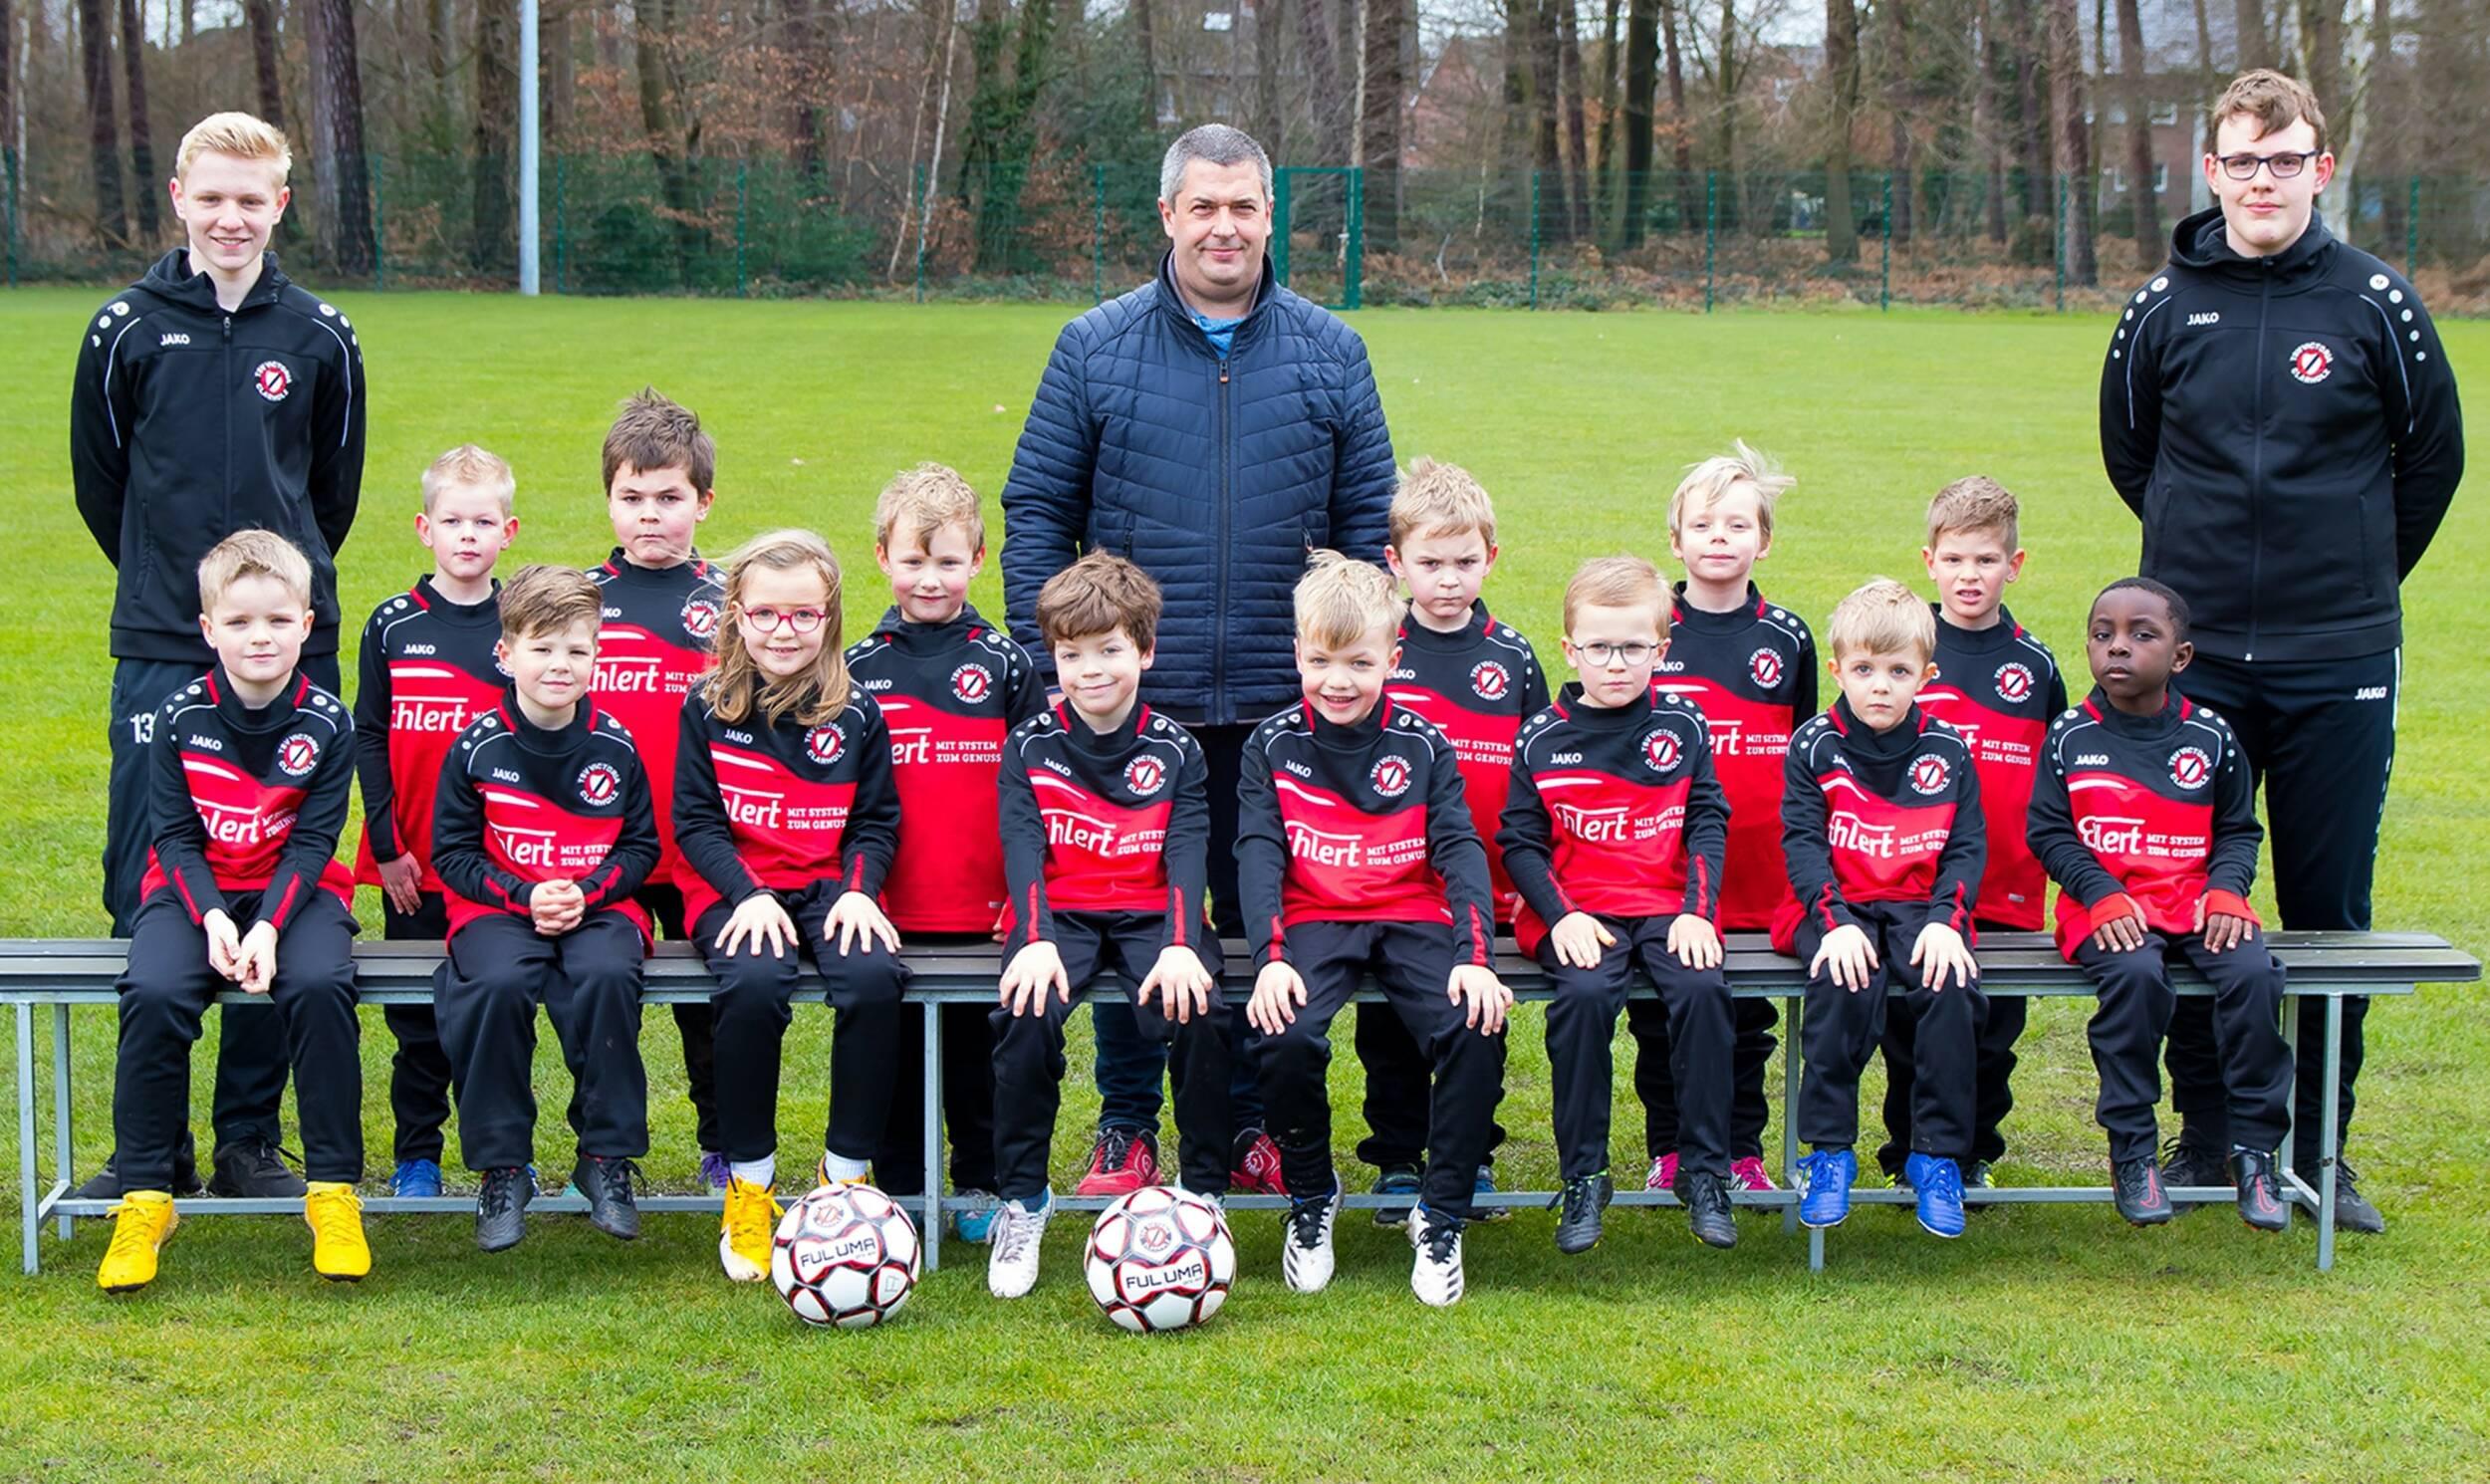 Fußball<br>Gustav Ehlert GmbH sponsert Outfits für kleine Fußballer